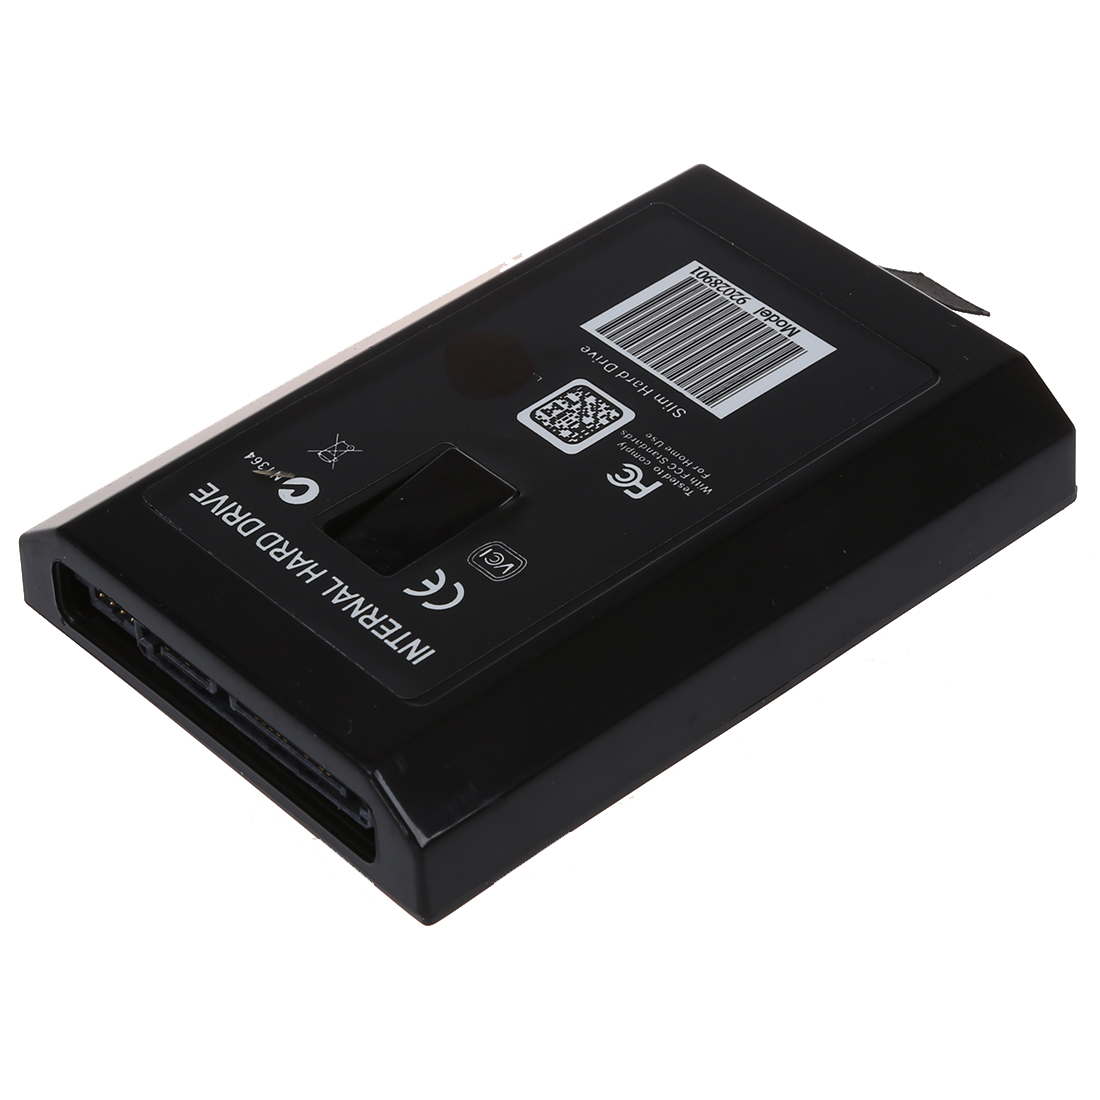 Internal Slim Hard Disk Drive For XBOX 360 60GB Black Z5B2